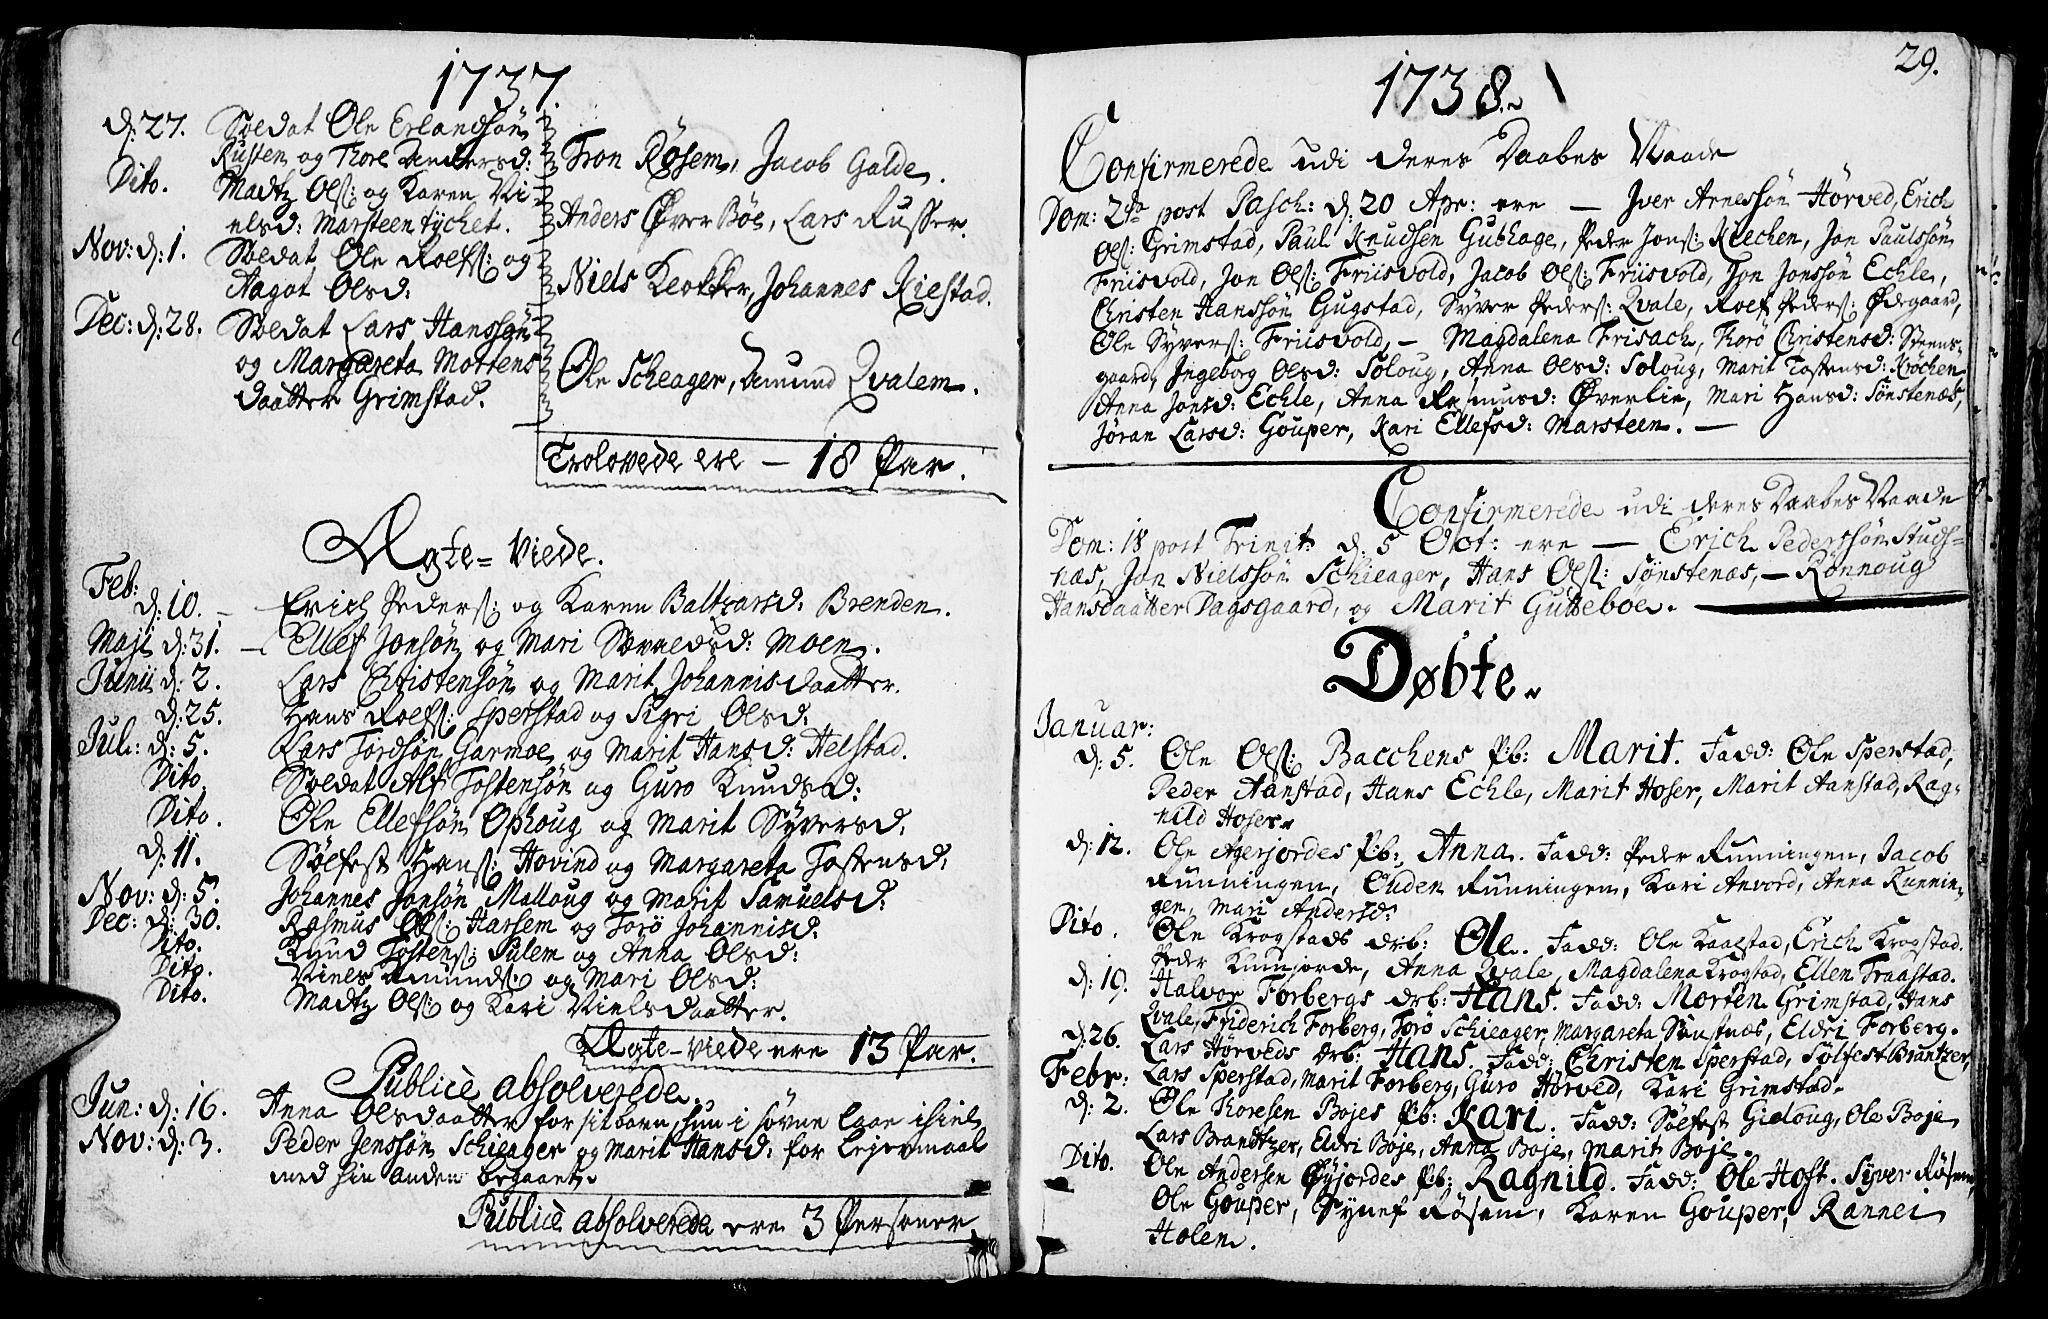 SAH, Lom prestekontor, K/L0001: Ministerialbok nr. 1, 1733-1748, s. 29